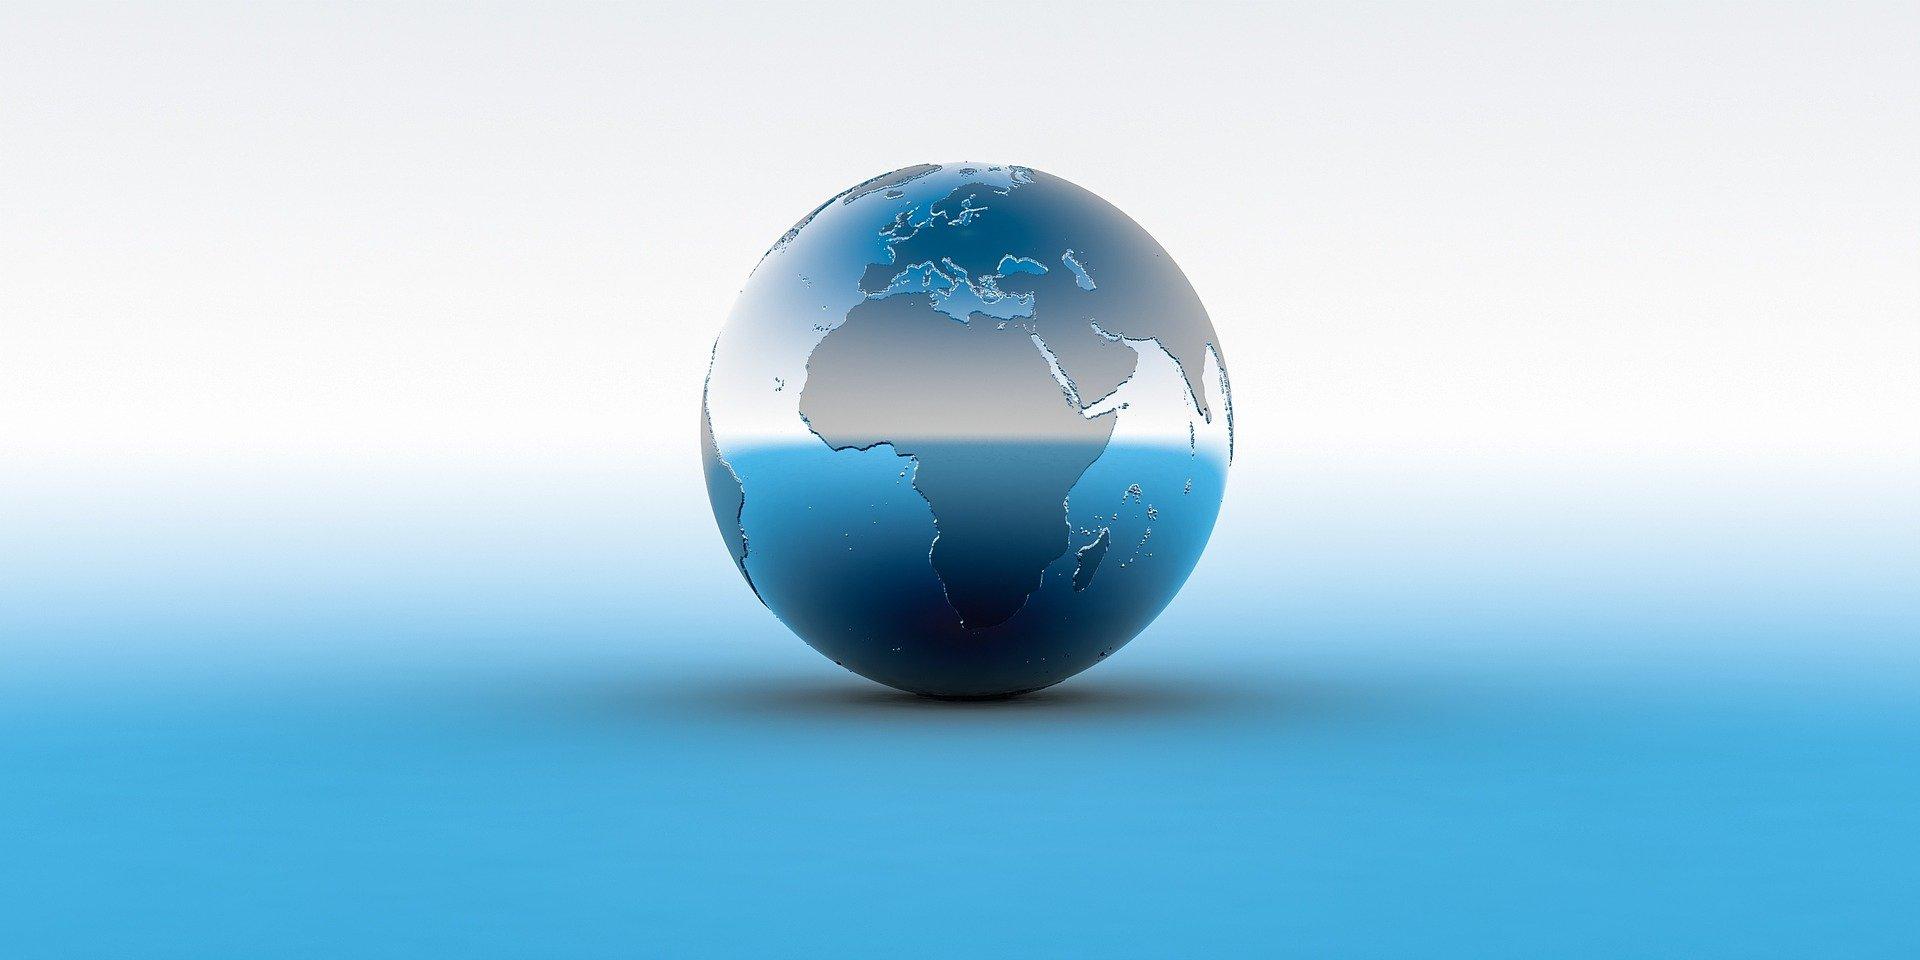 globe-2491982_1920